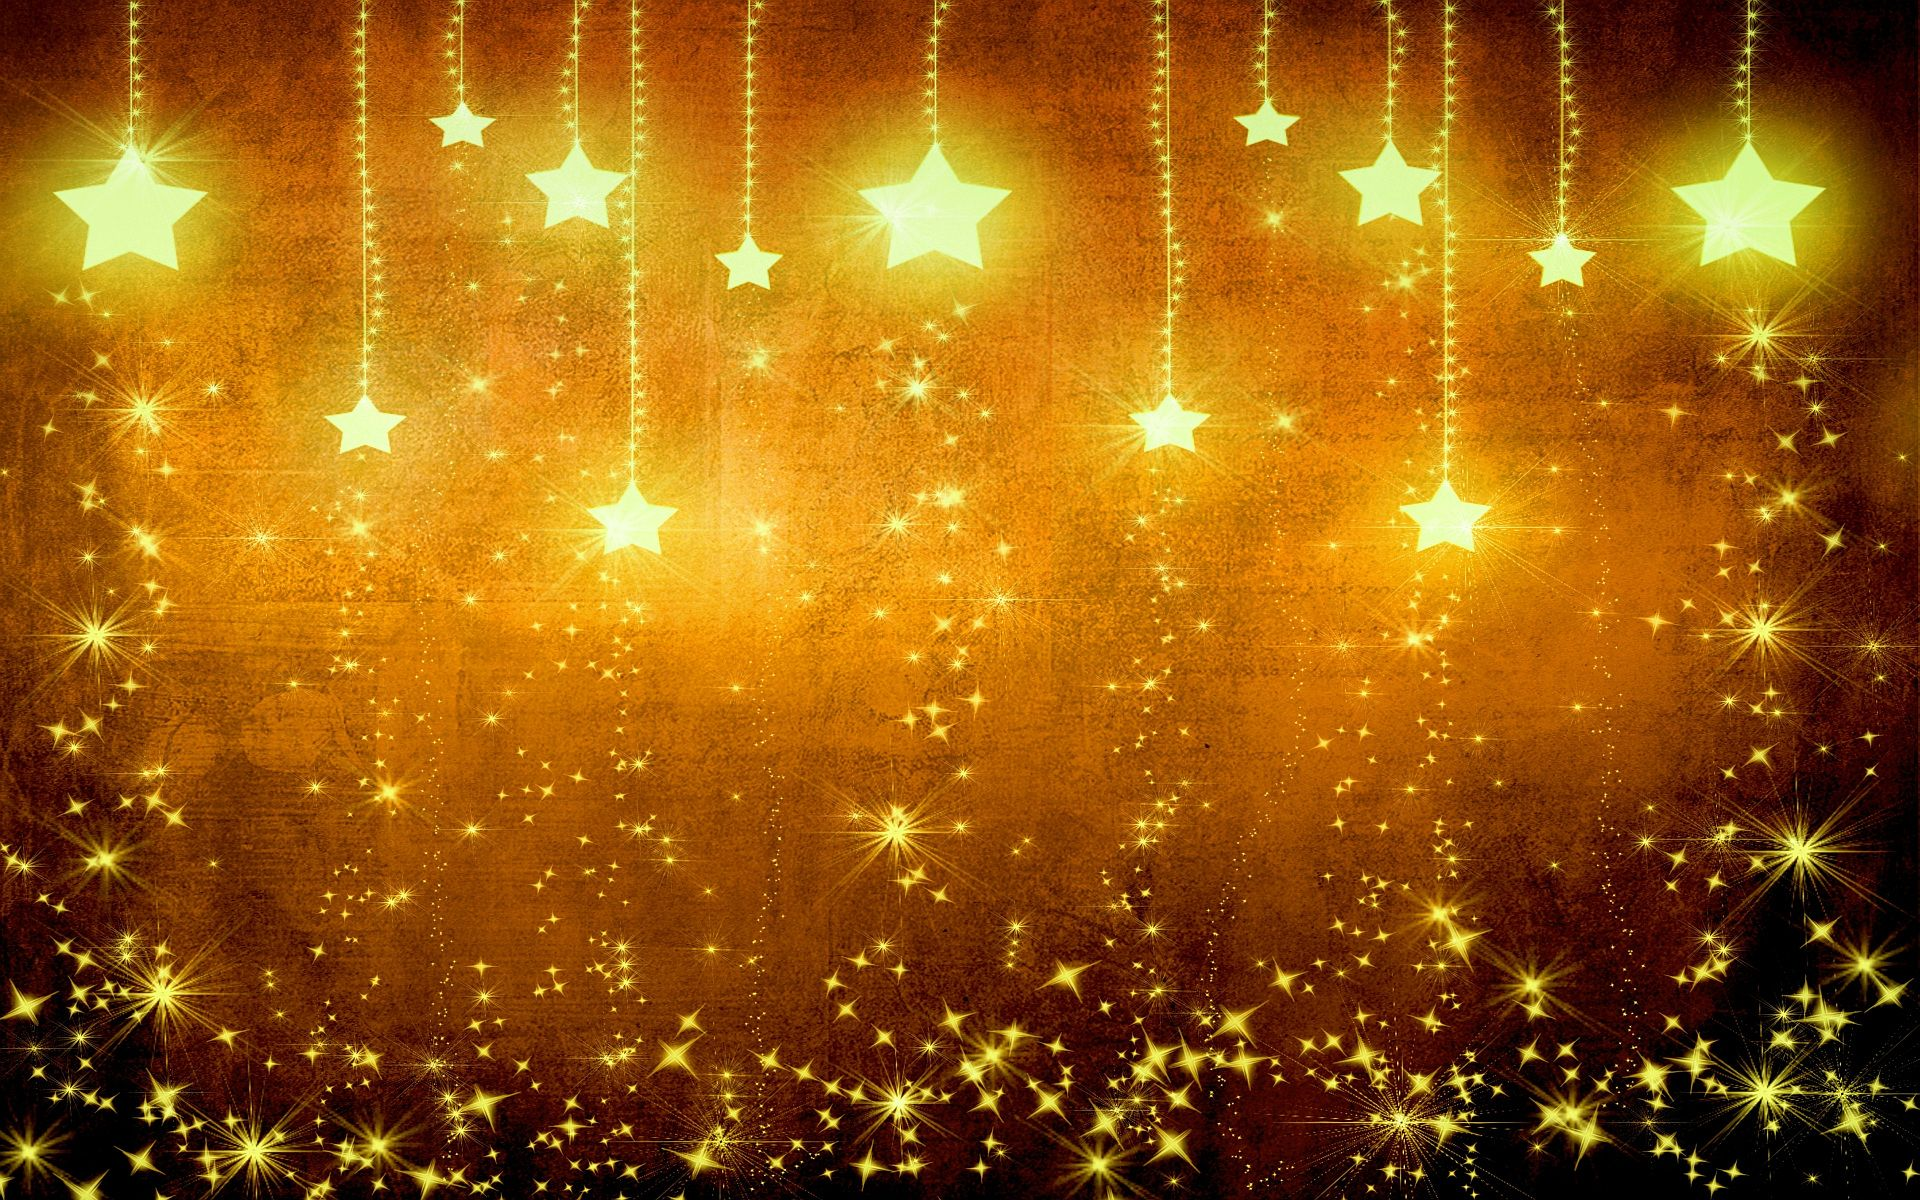 starlight fantasy images